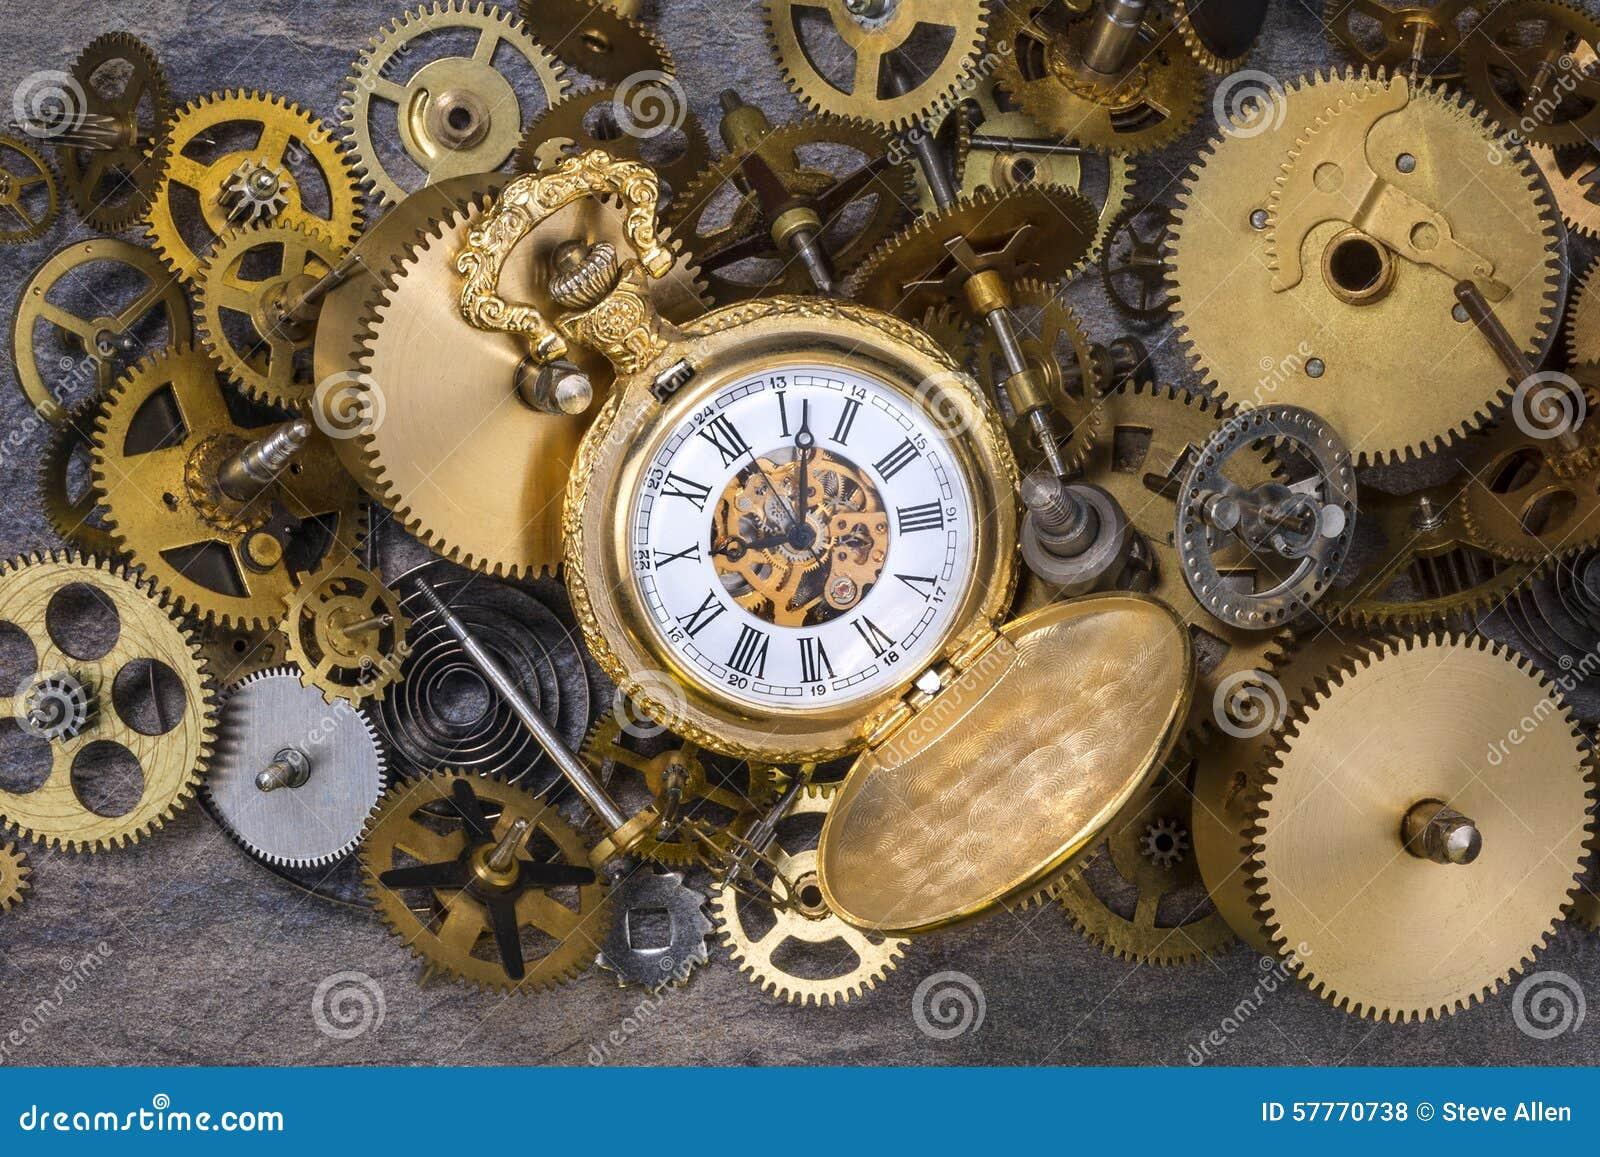 Reloj de bolsillo y viejas piezas del reloj - dientes, engranajes, ruedas